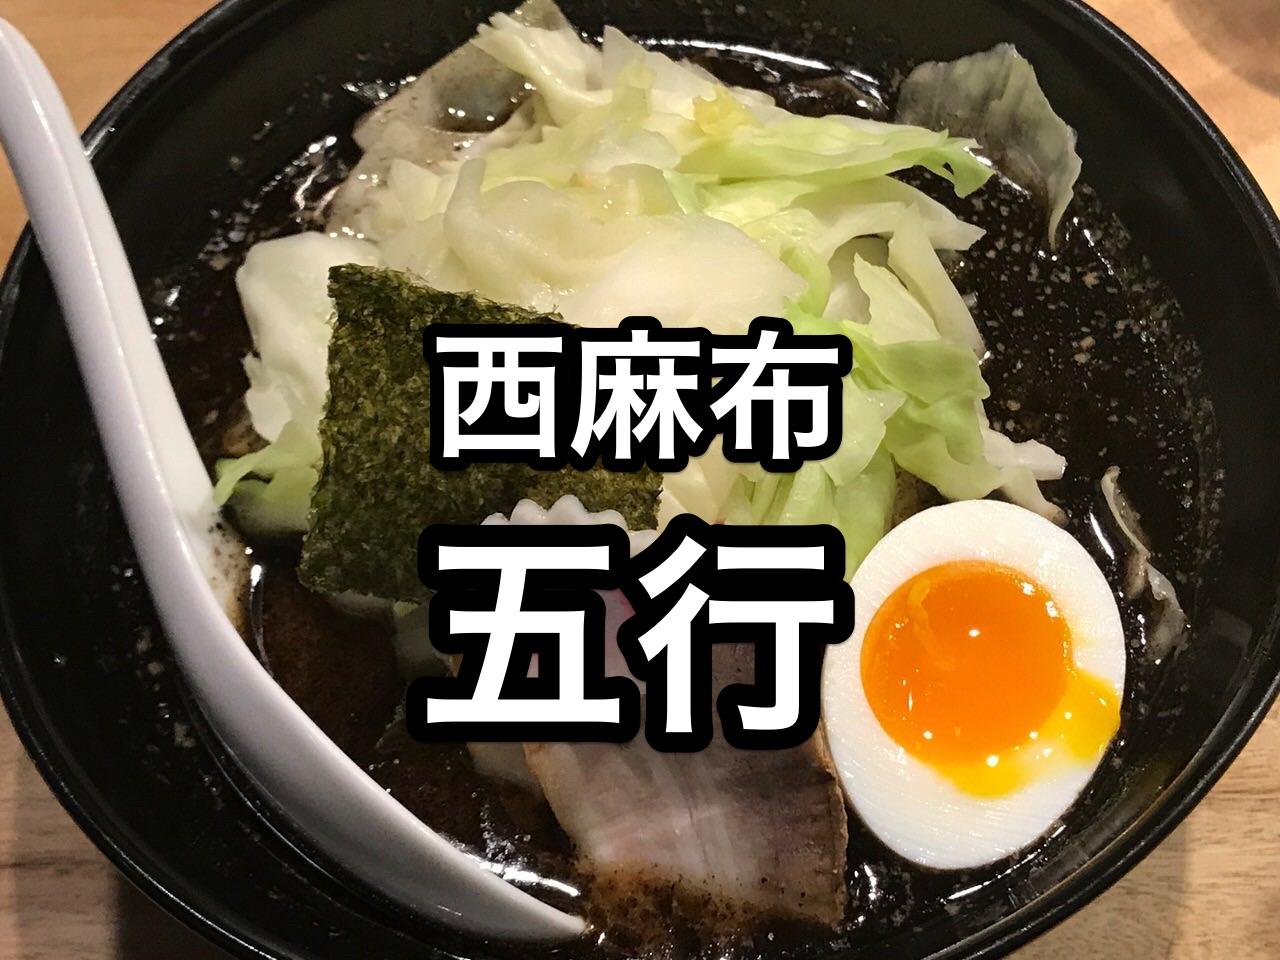 西麻布「五行」キャベツ焦がし味噌麺